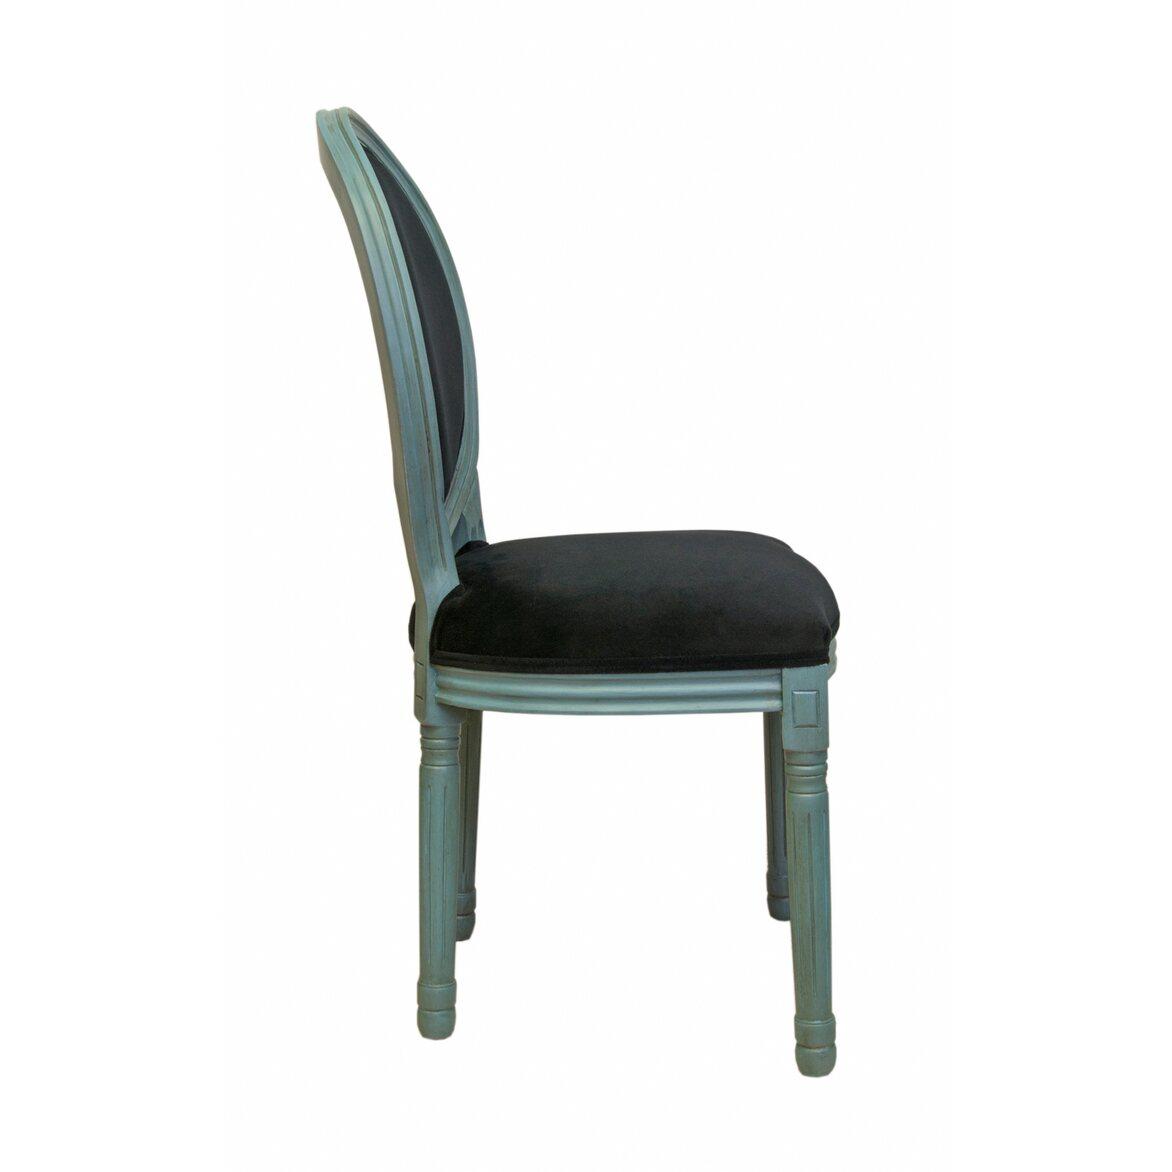 Стул Volker old navy 2 | Обеденные стулья Kingsby